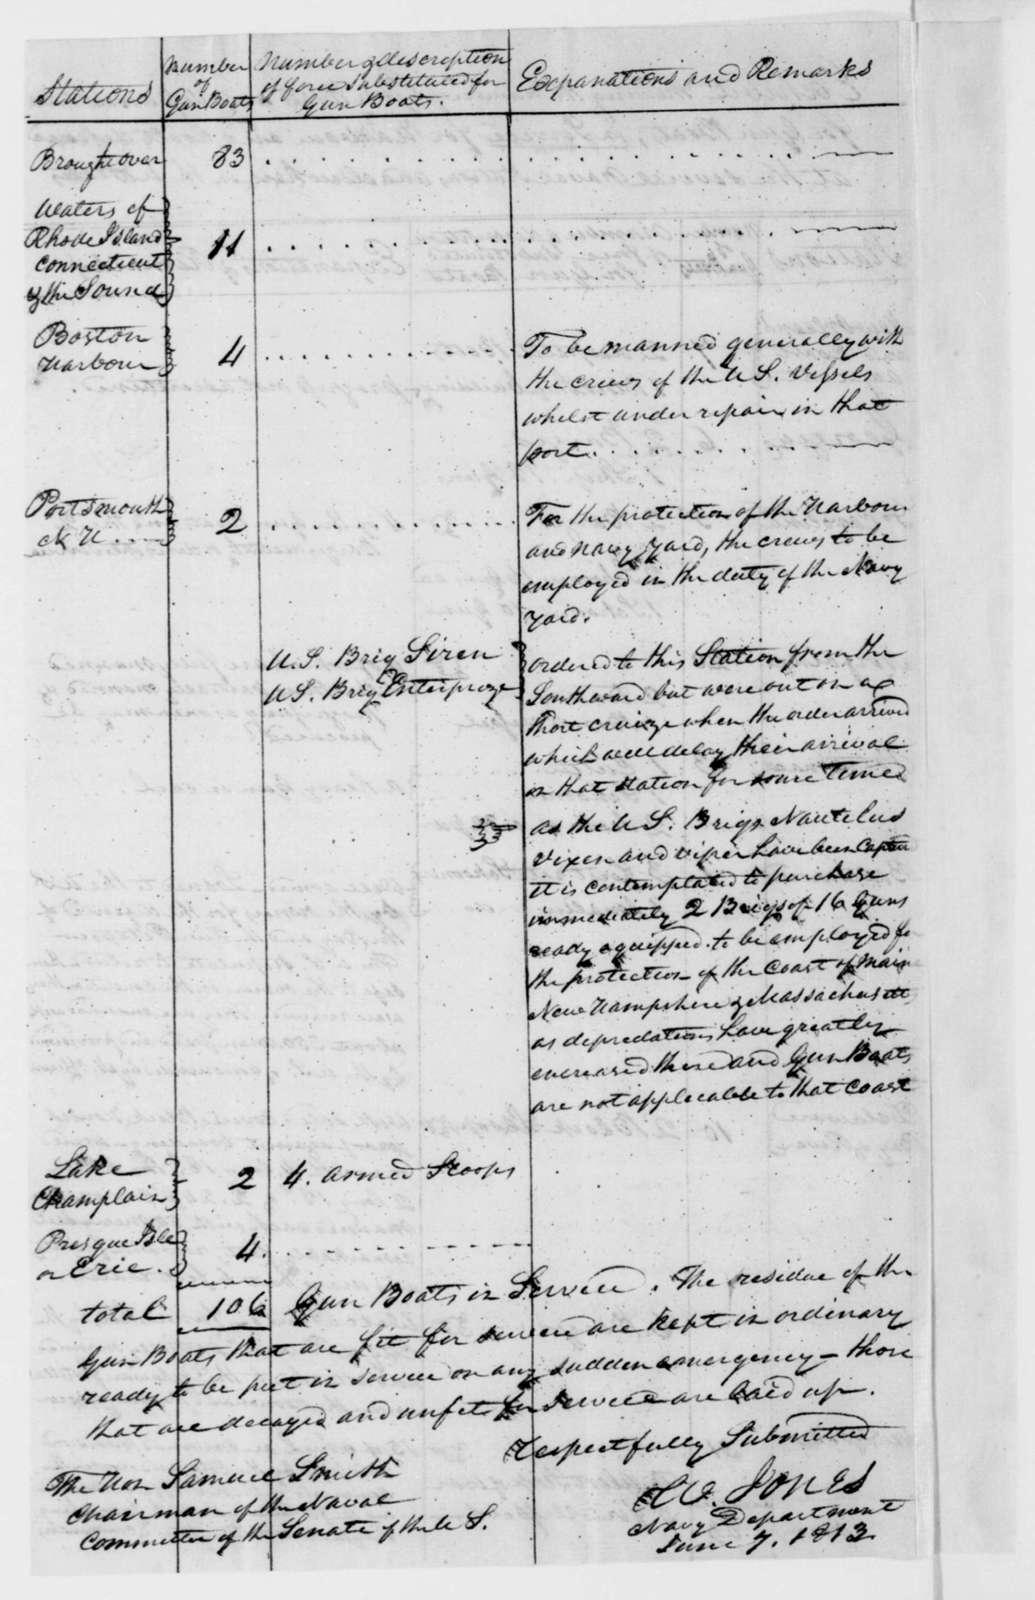 William Jones to Samuel Smith, June 7, 1813. List of gunboats in service.